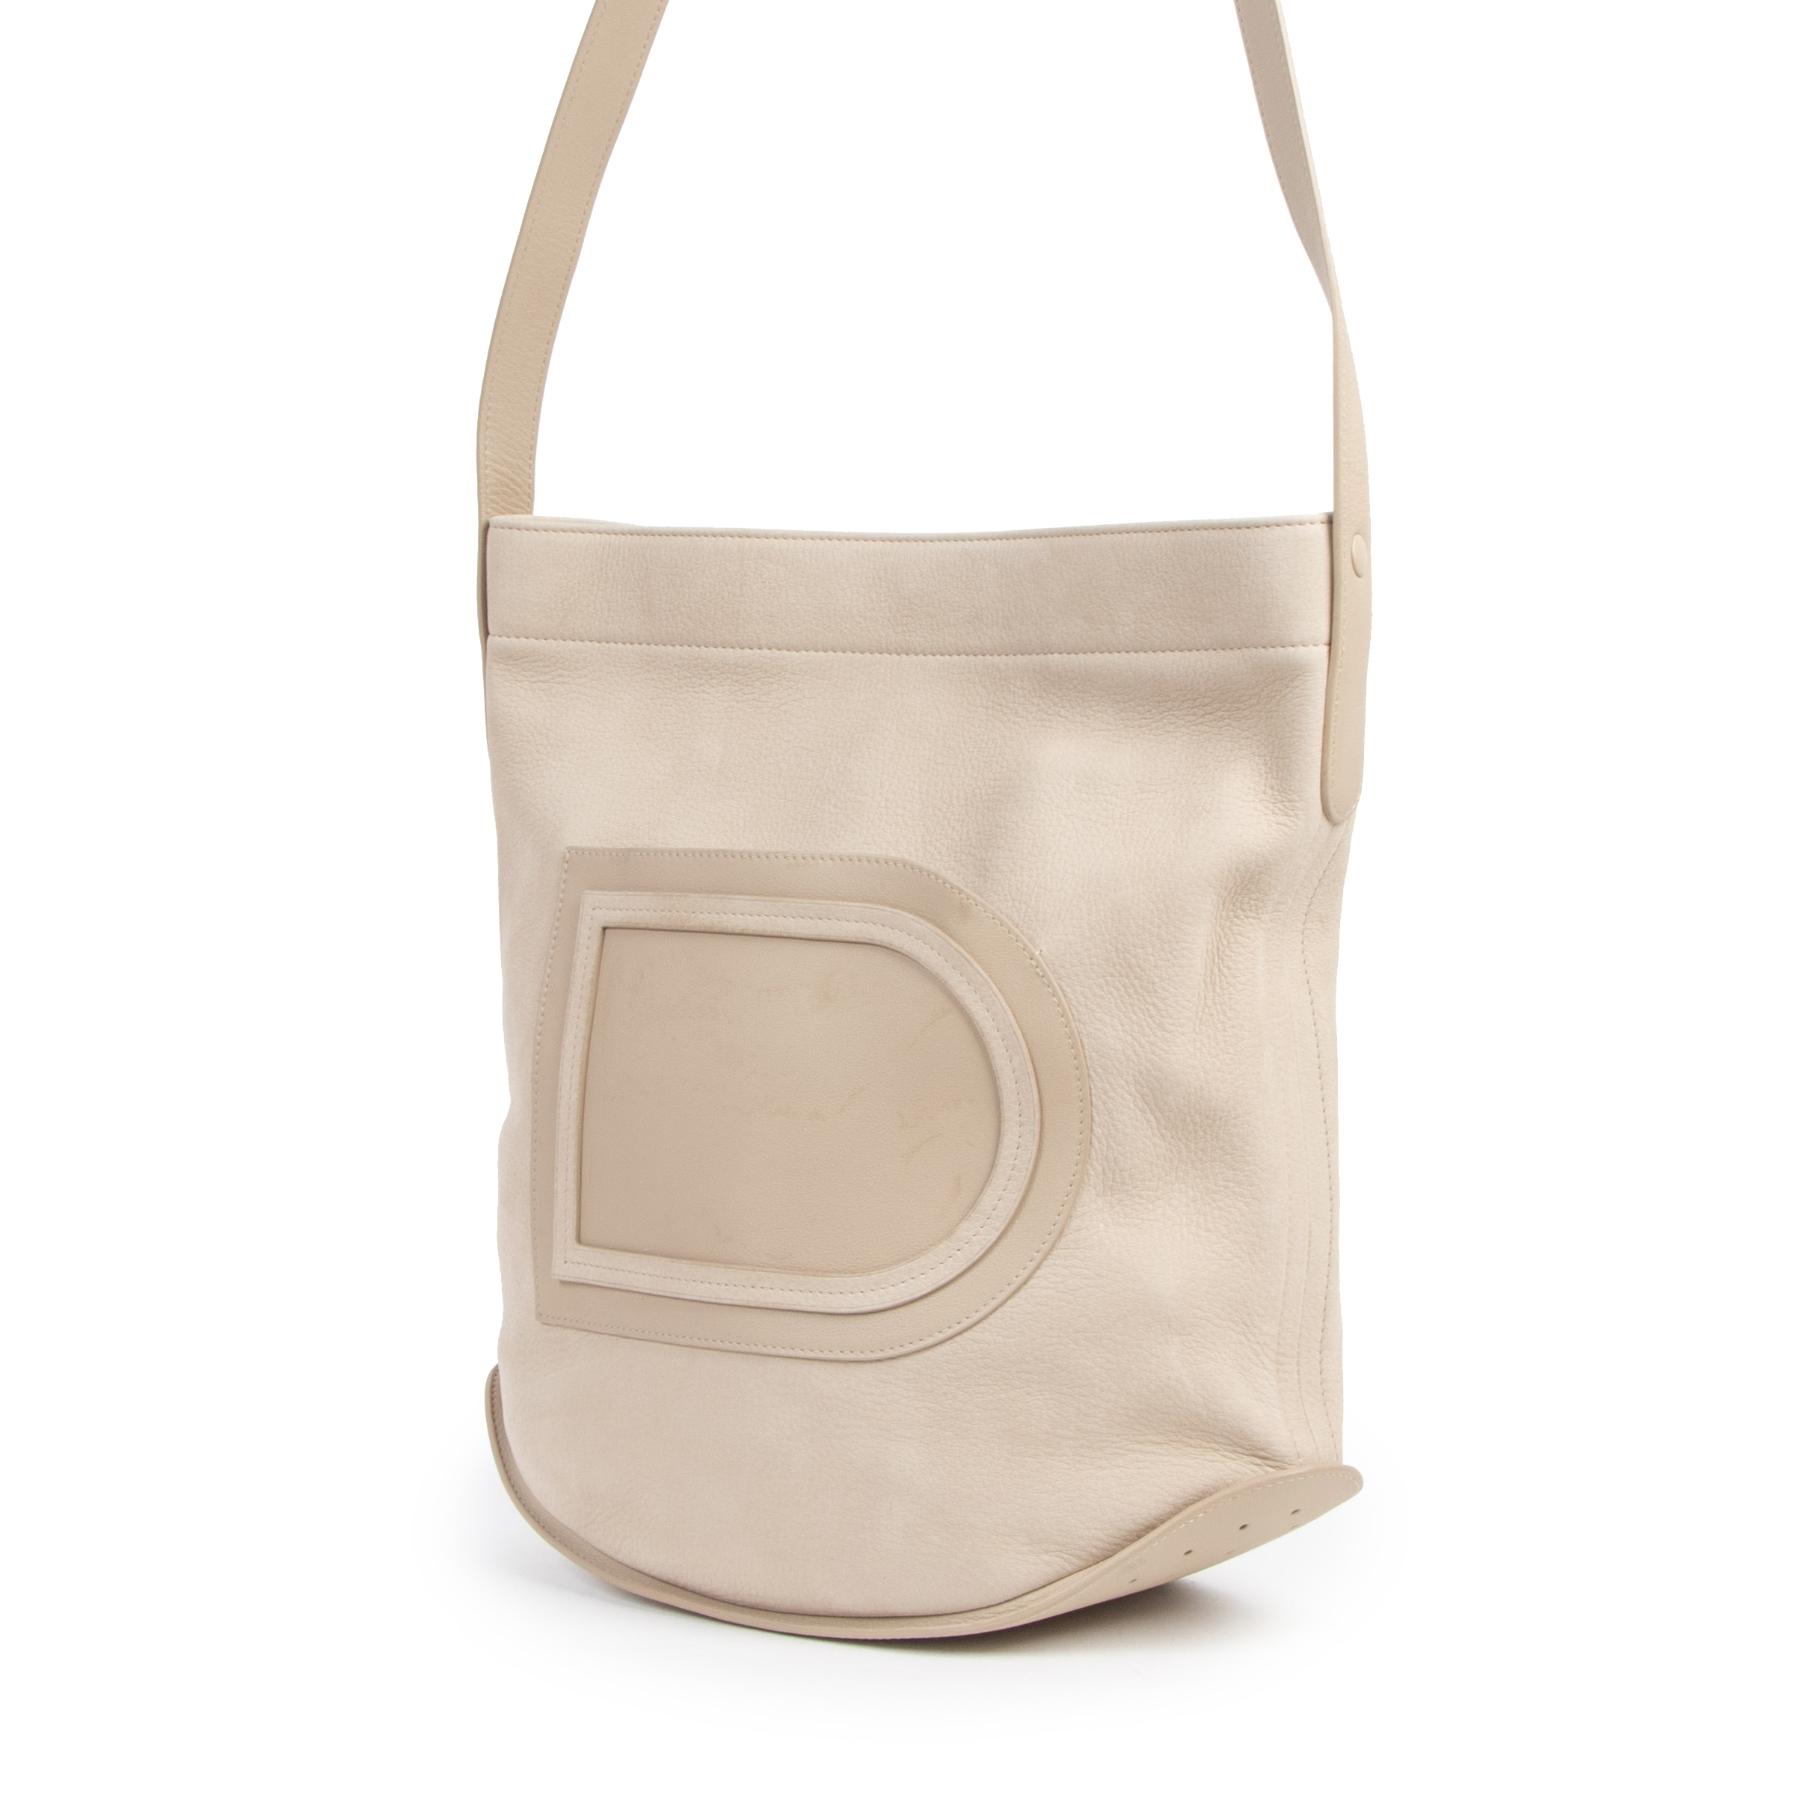 Authentieke Tweedehands Delvaux Cream Le Pin Leather Bag juiste prijs veilig online shoppen luxe merken webshop winkelen Antwerpen België mode fashion